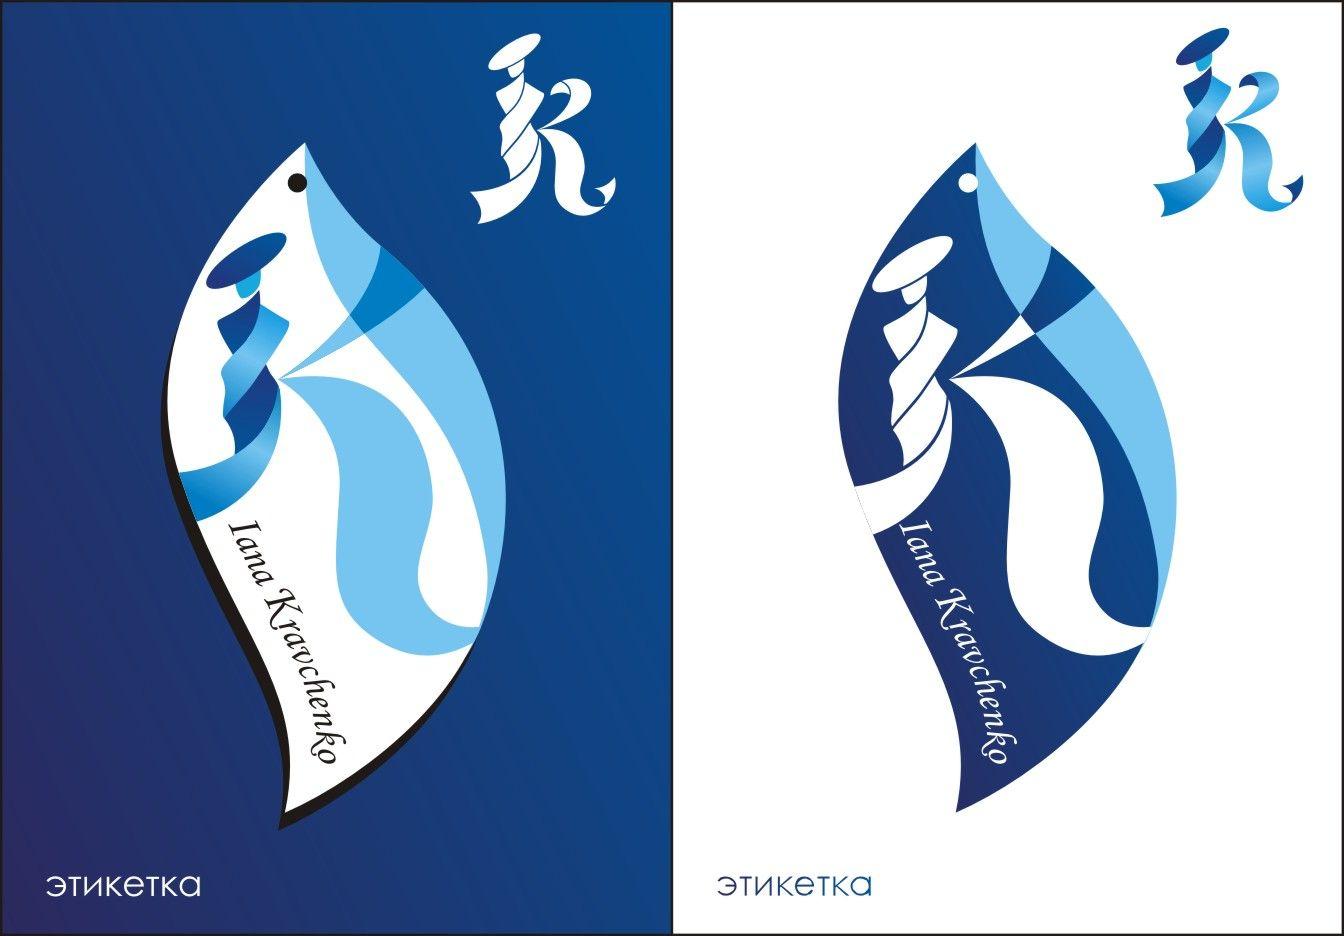 Логотипа и фир. стиля для дизайнера одежды - дизайнер salavat_staff